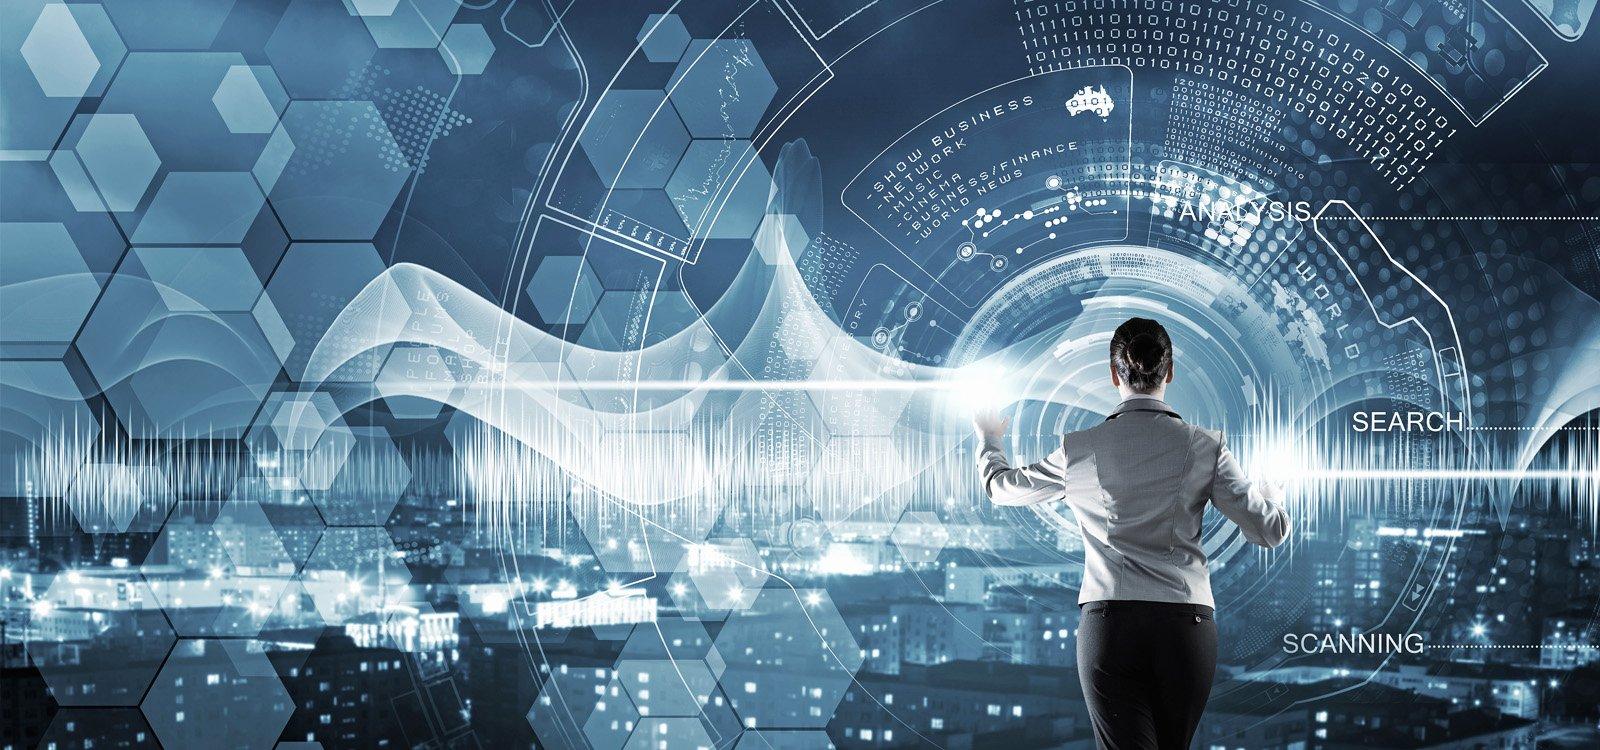 数字化变革中最引人注目的一个变化是沟通方式更开放。